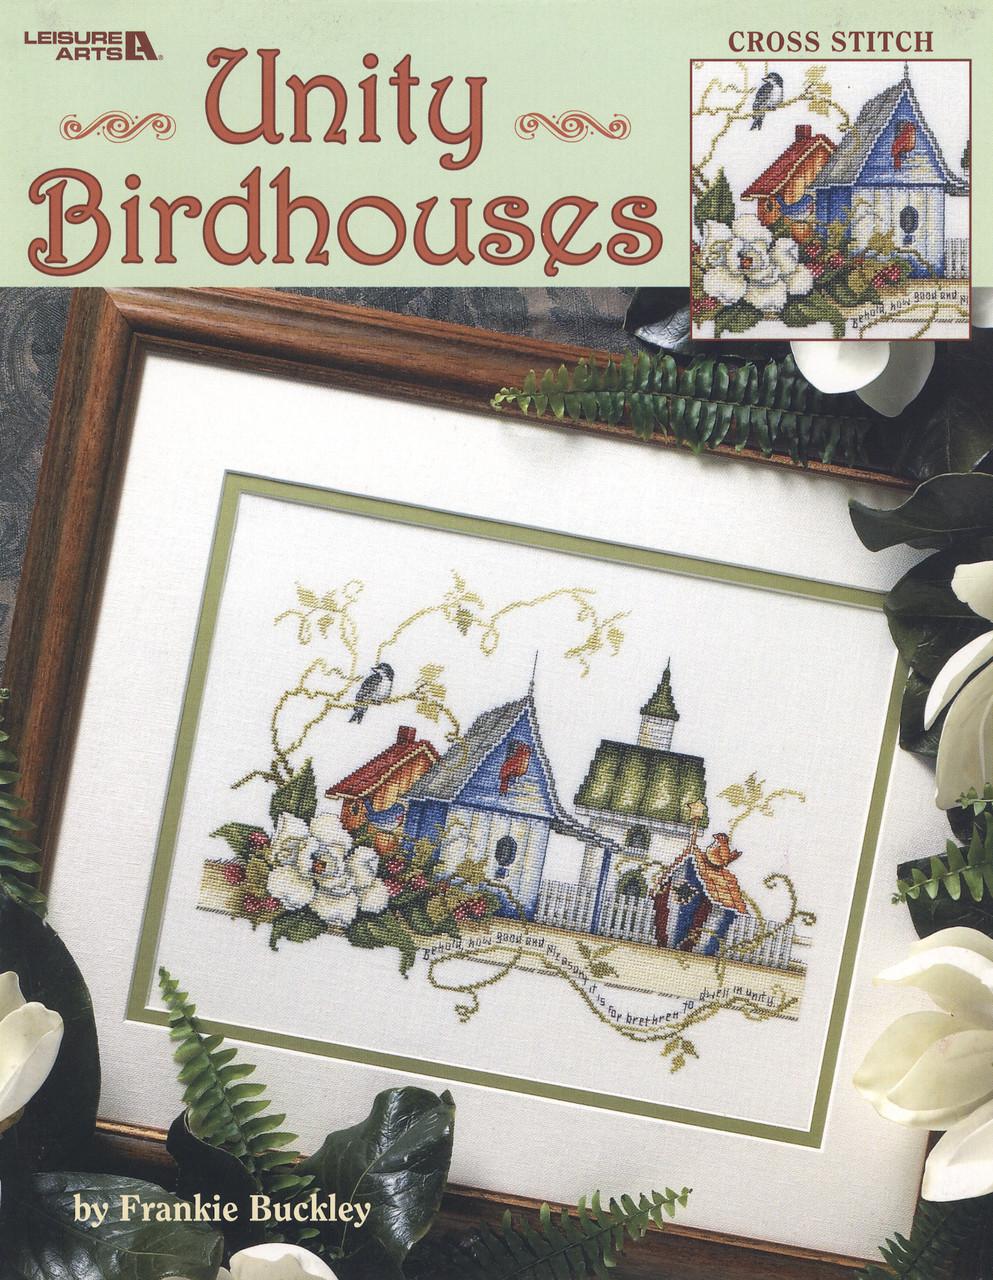 Leisure Arts - Unity Birdhouses